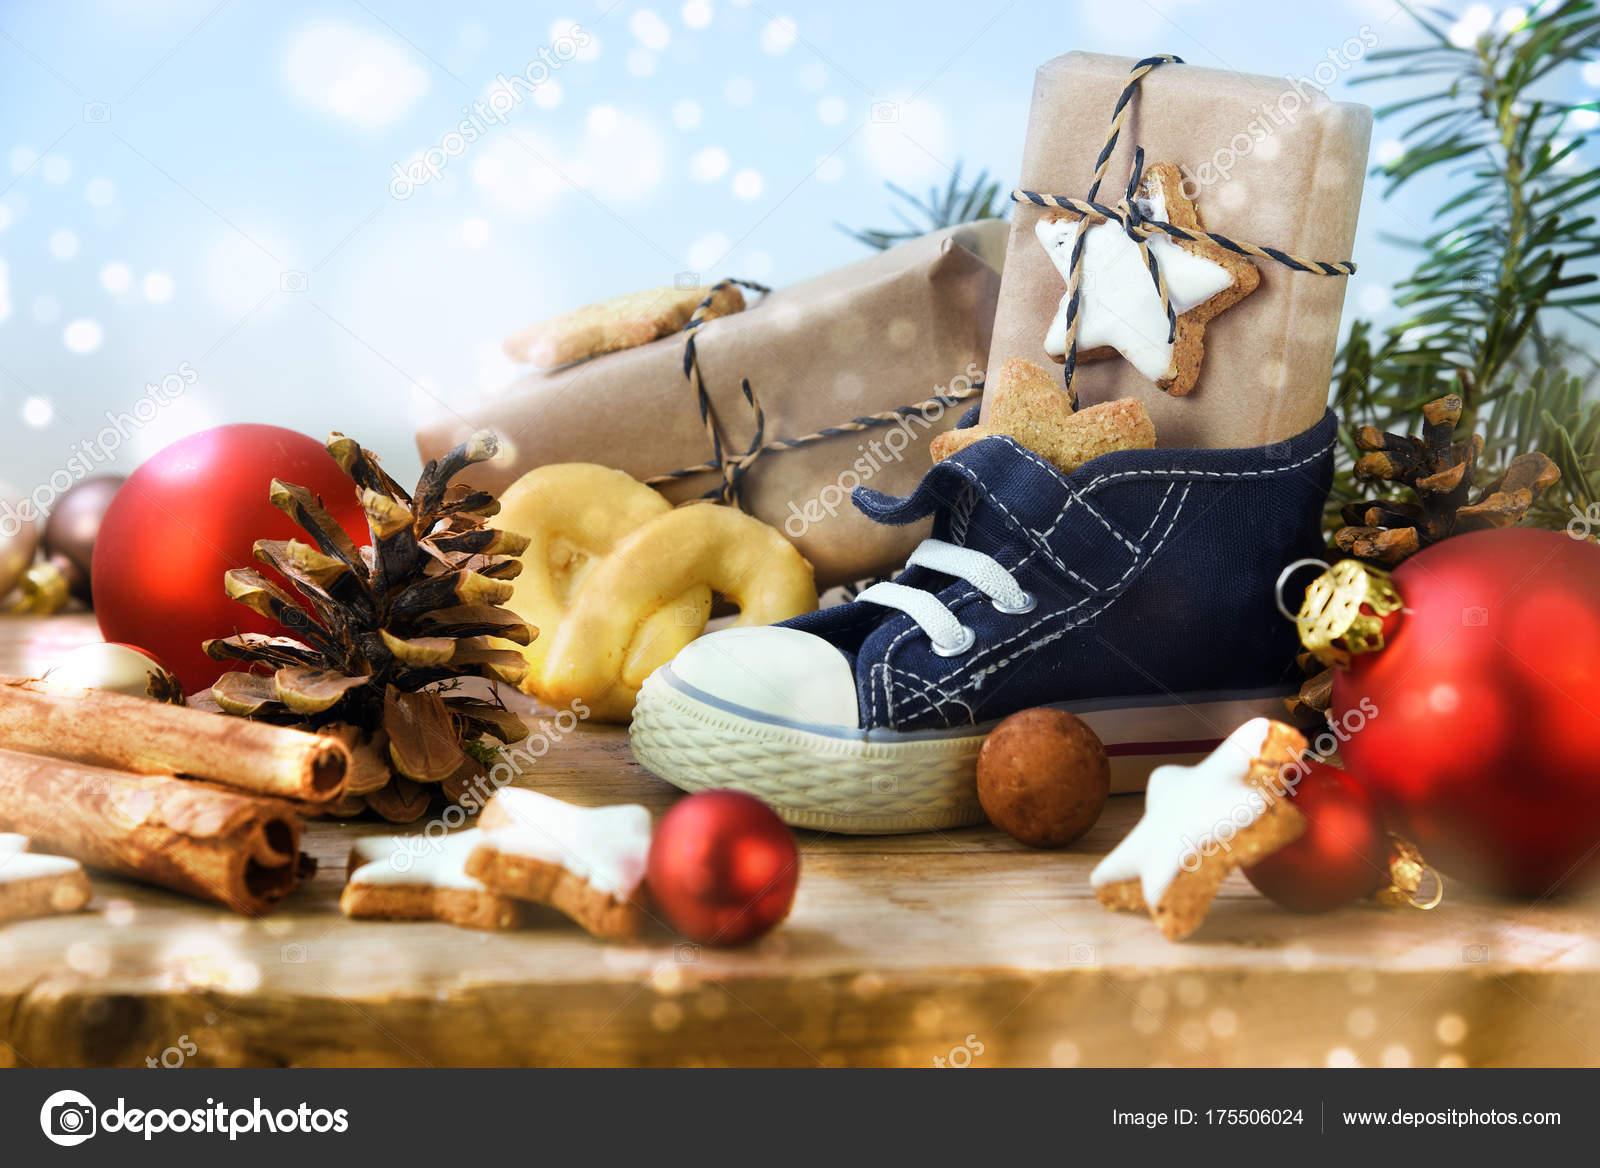 Decorazioni In Legno Per Bambini : St nicholas day scarpe per bambini con dolci regali e